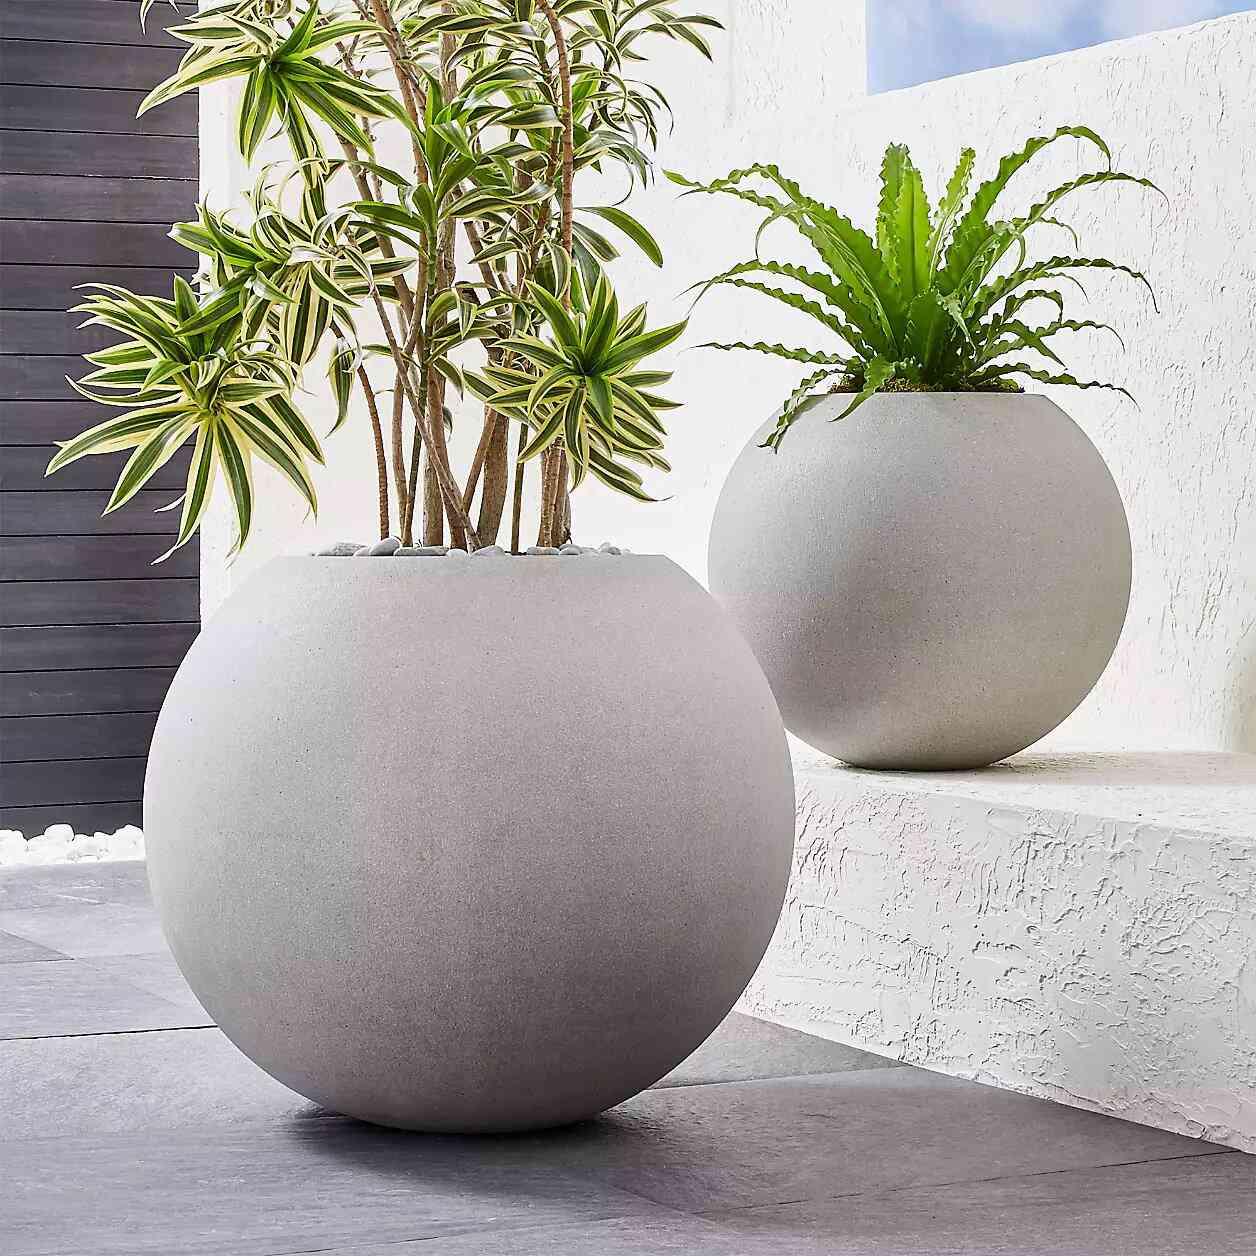 Crate & Barrel Sphere Large Light Grey Indoor/Outdoor Planter